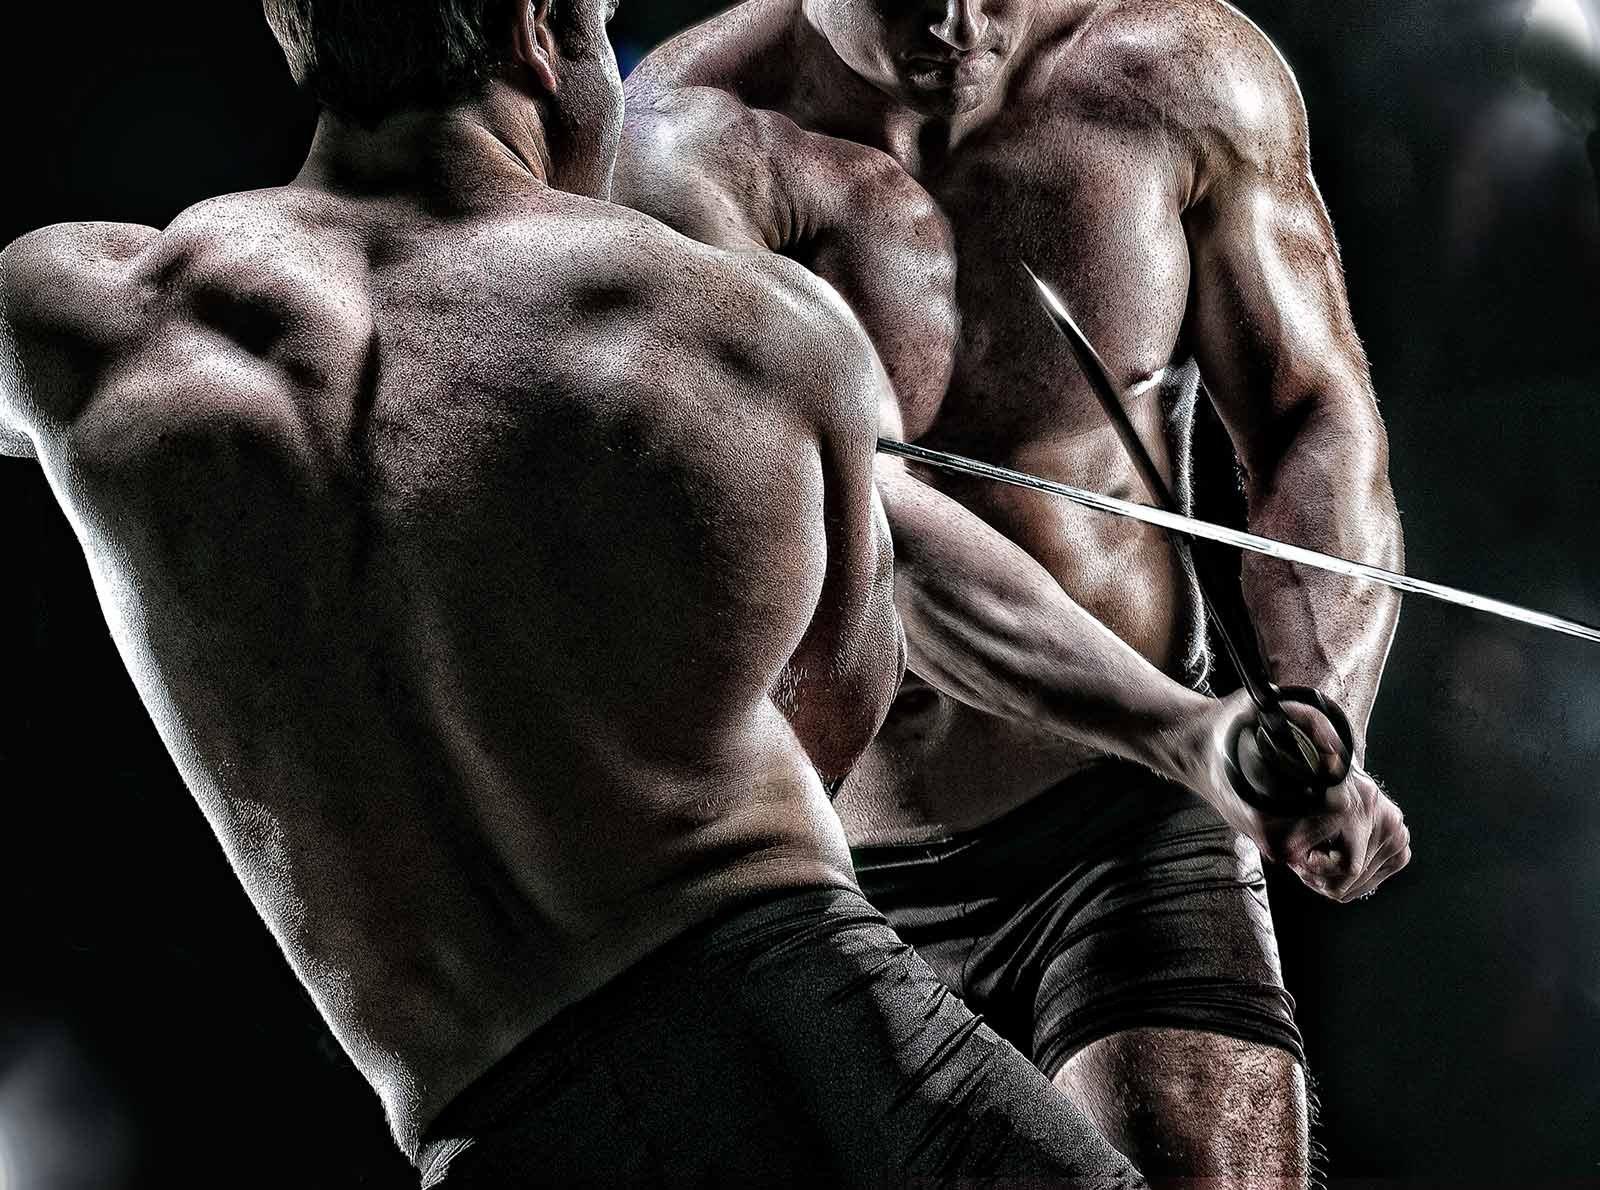 The-Swordsmen_Mitchel-Gray